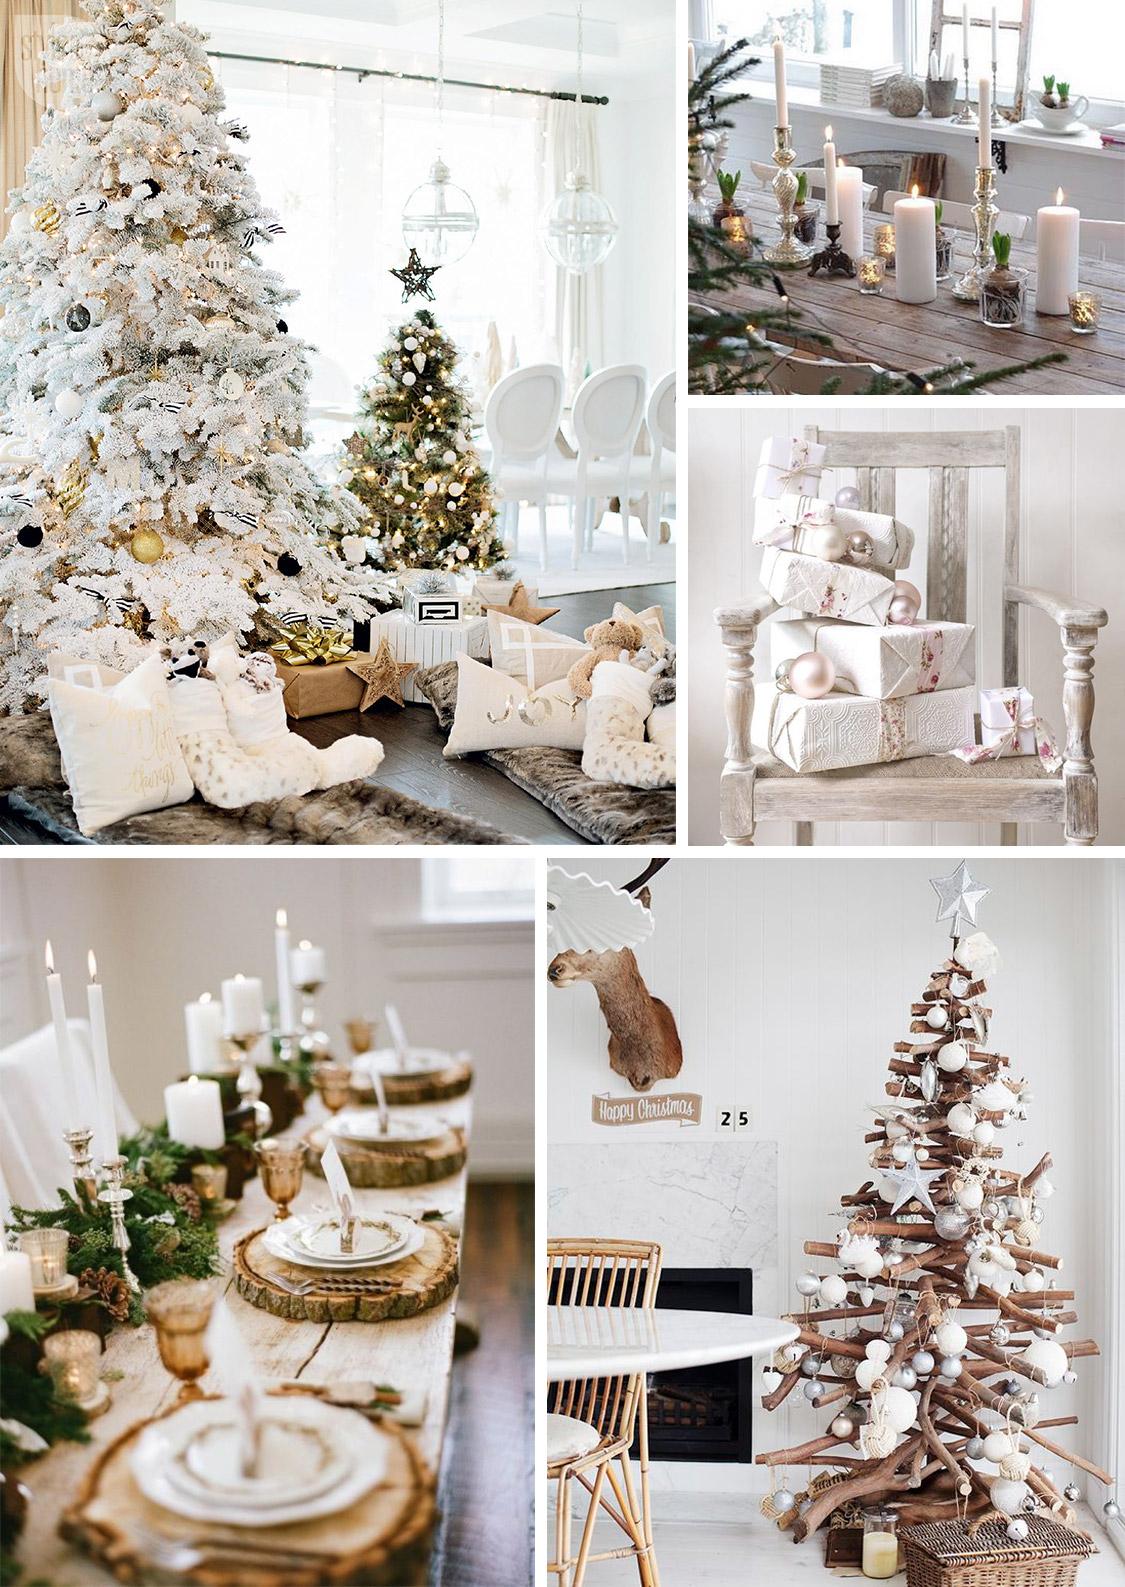 Déco de Noël : Ambiance chaleureuse avec du blanc